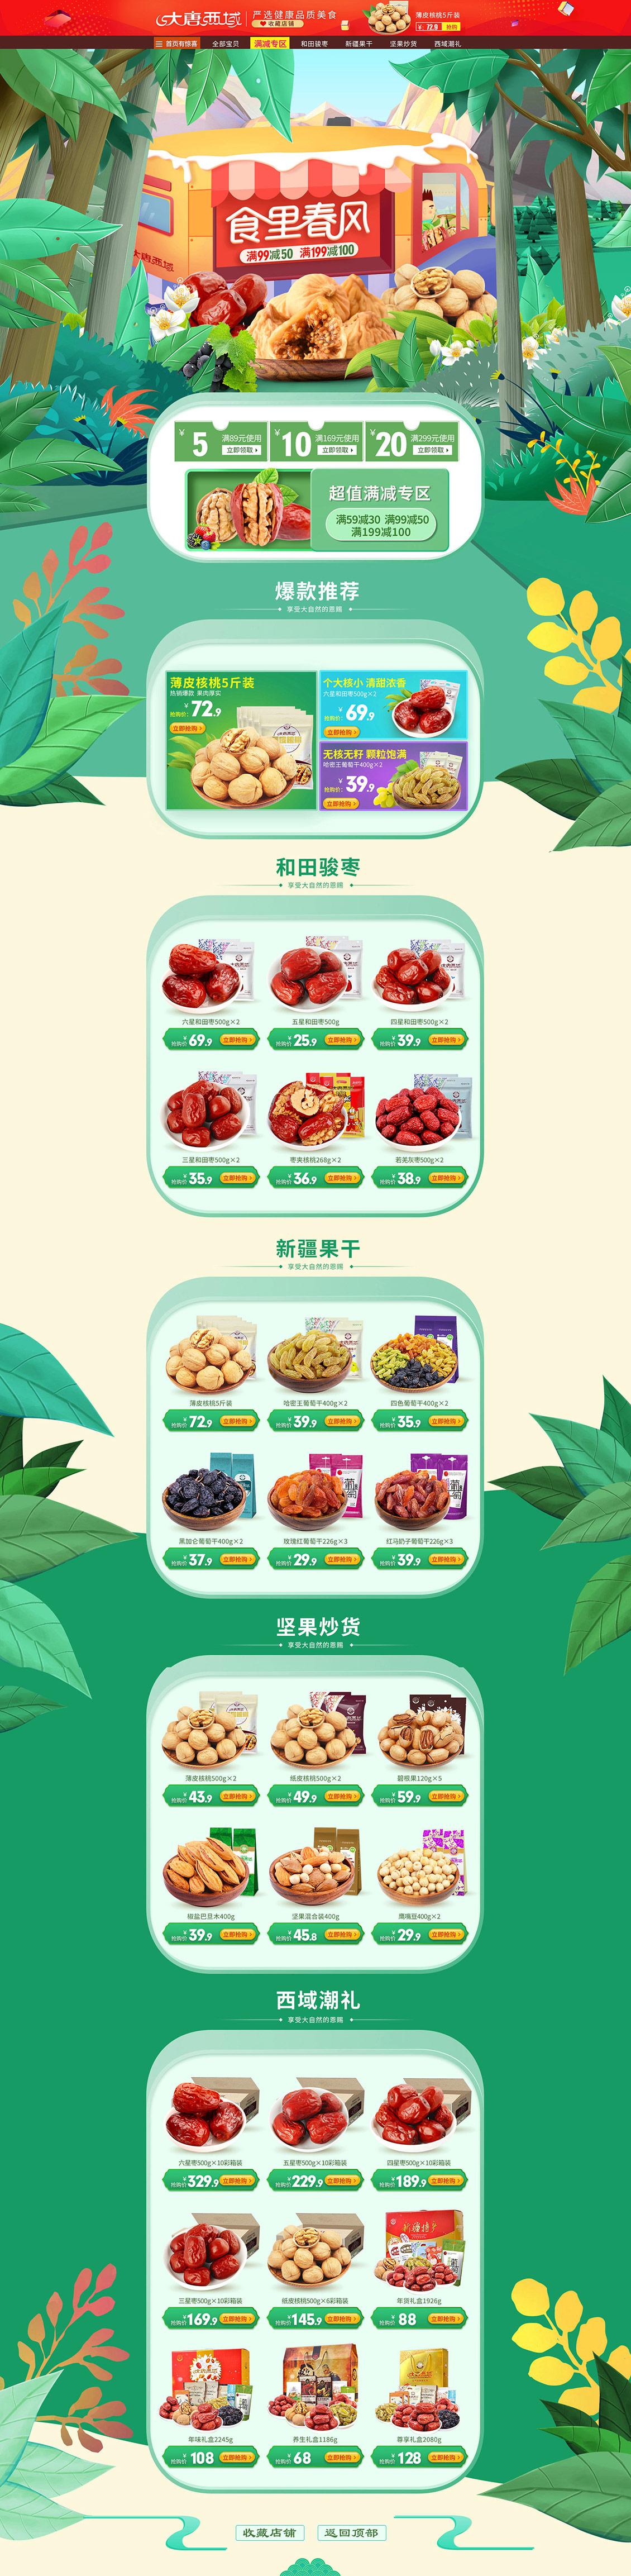 大唐西域食品零食酒水男人节